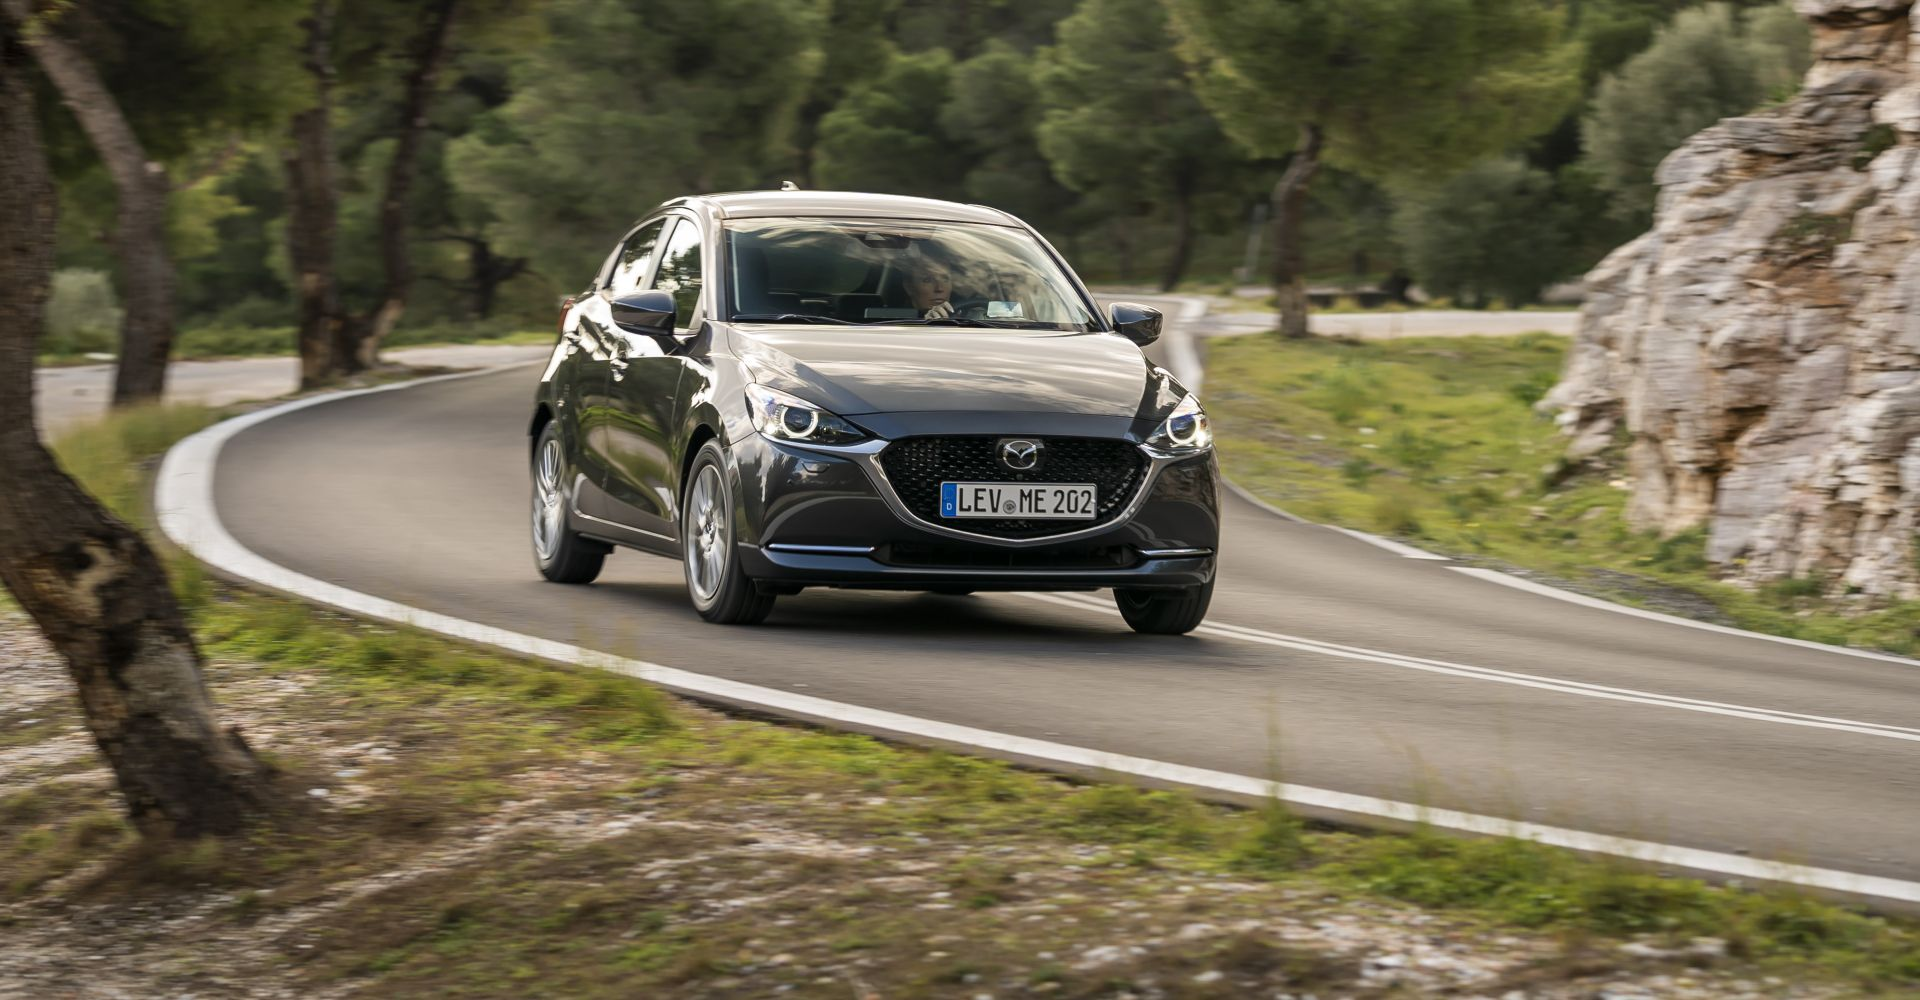 Nova generacija Mazde2 stiže 2022. i bit će temeljena na novoj Toyoti Yaris